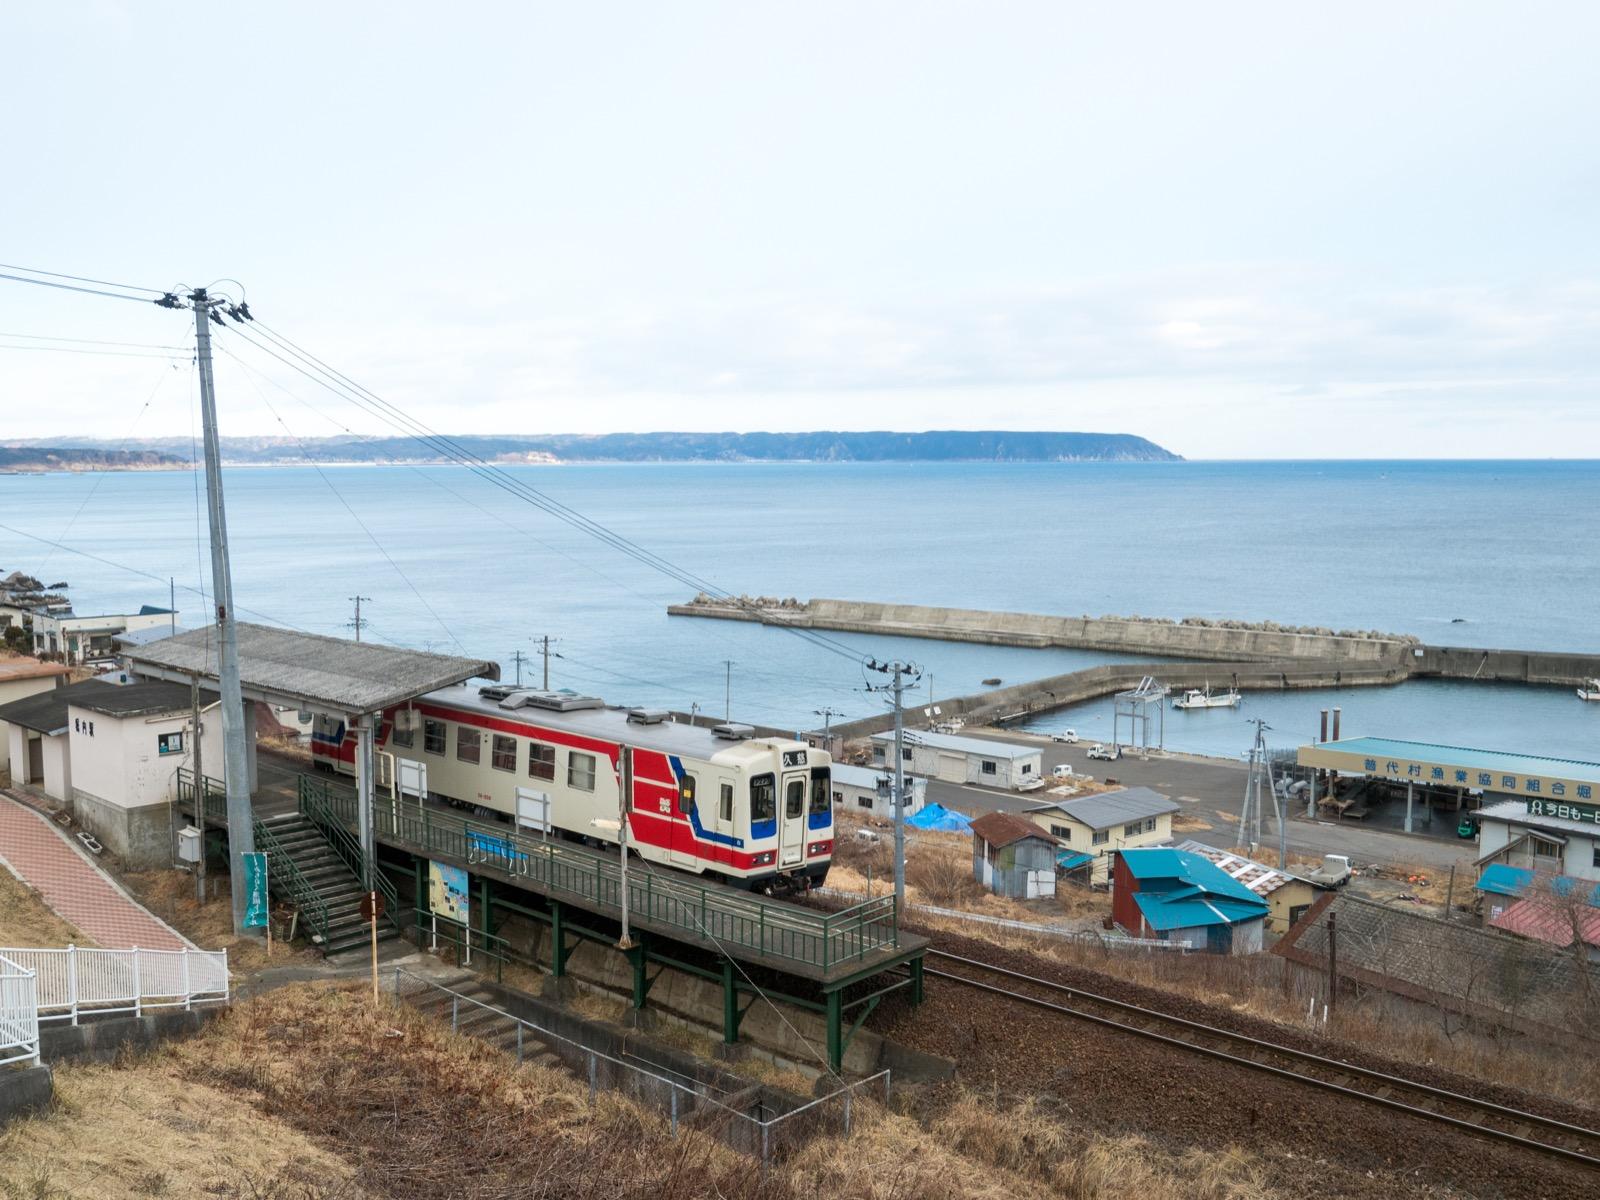 列車がやってくると、実に画になります。奥に見えるのは、野田湾の対岸にある半島のように突き出た地域。夫婦岩などがある小袖海岸は、この半島の裏にあります。